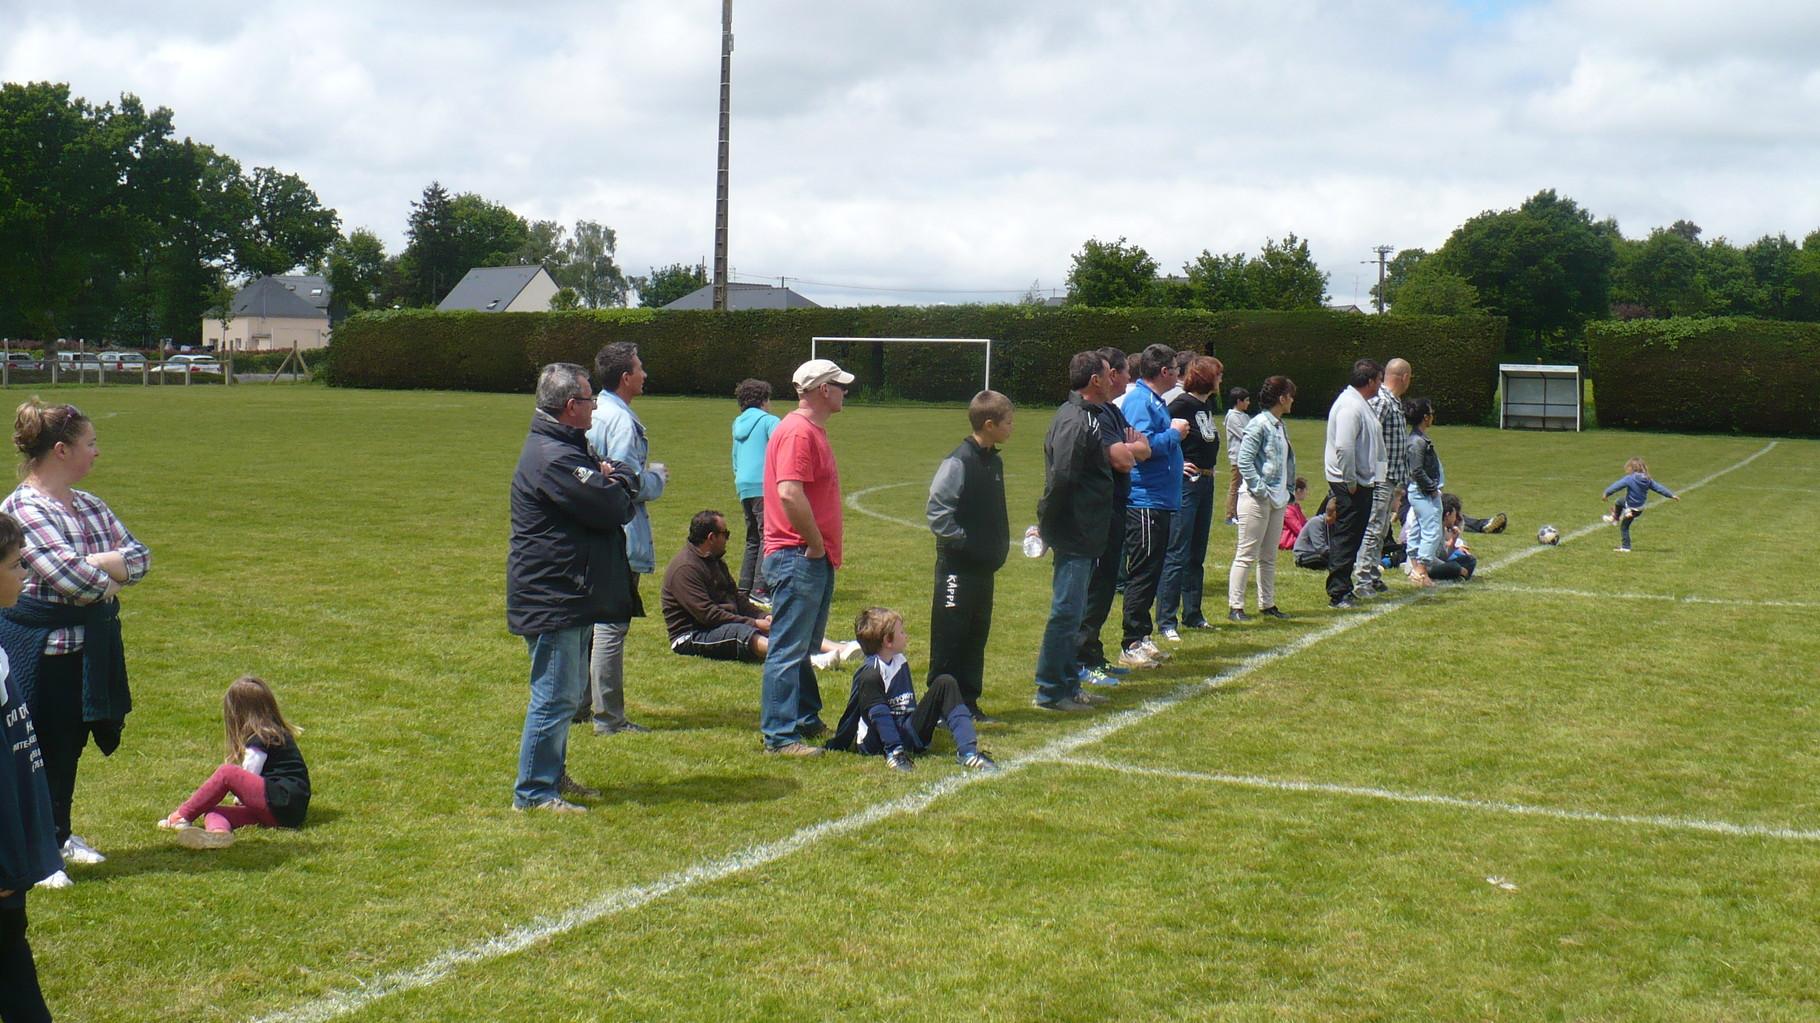 Les parents très attentifs au déroulement du match ...